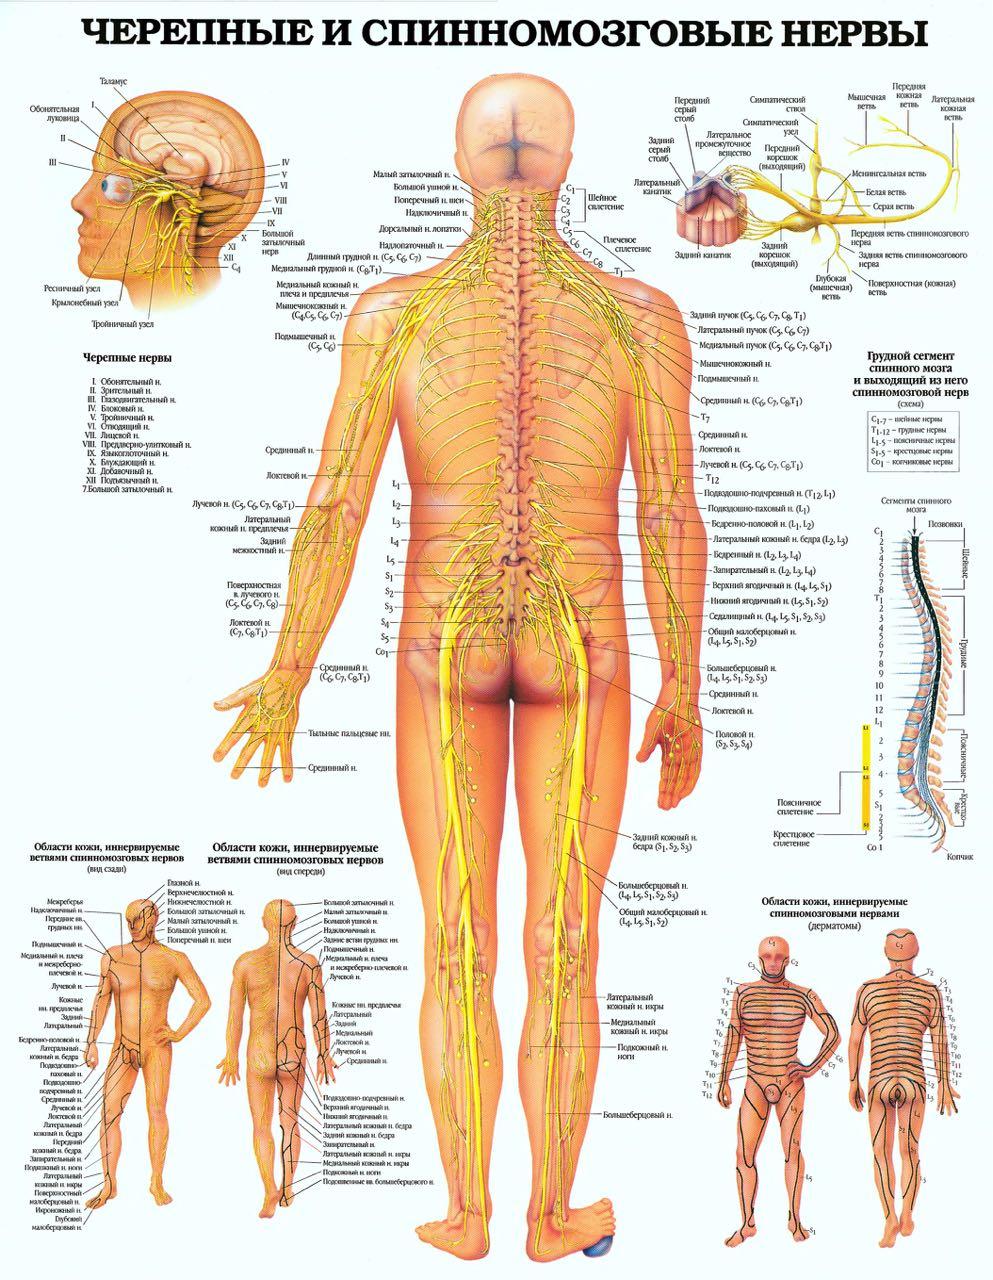 Черепные и спинномозговые нервы